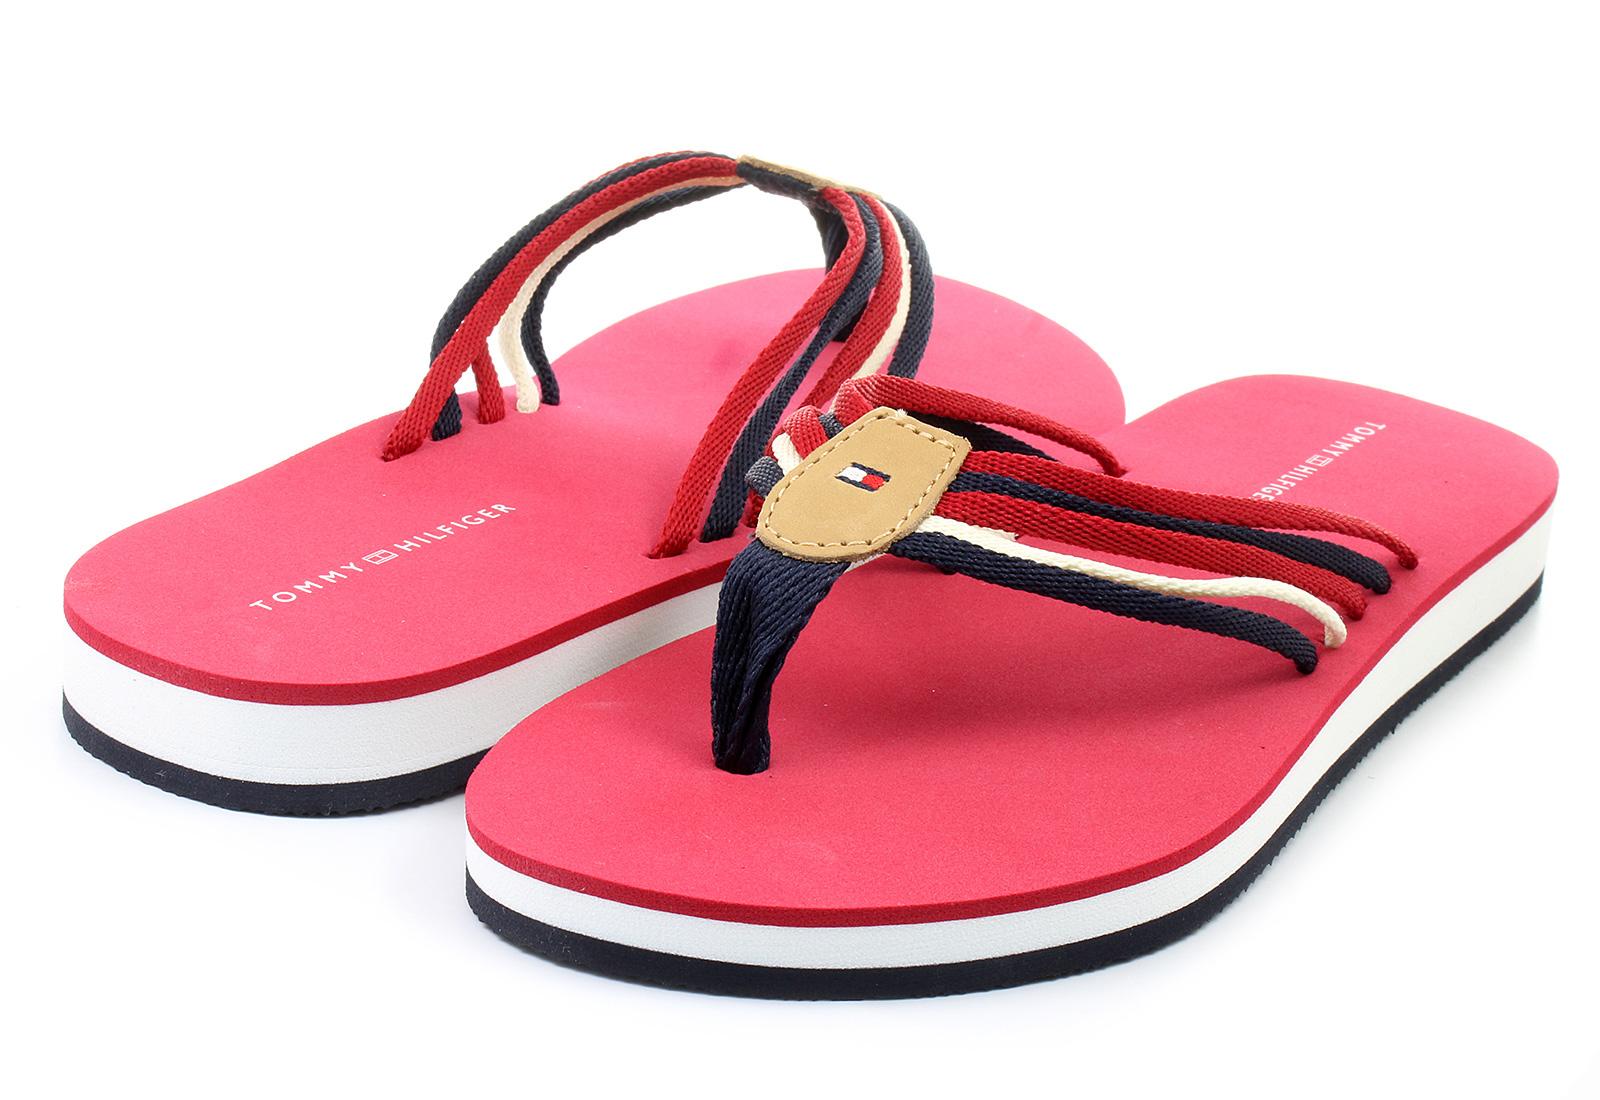 Tommy Hilfiger Papucs - Monica 15d - 15S-8713-910 - Office Shoes ... ef94449c93